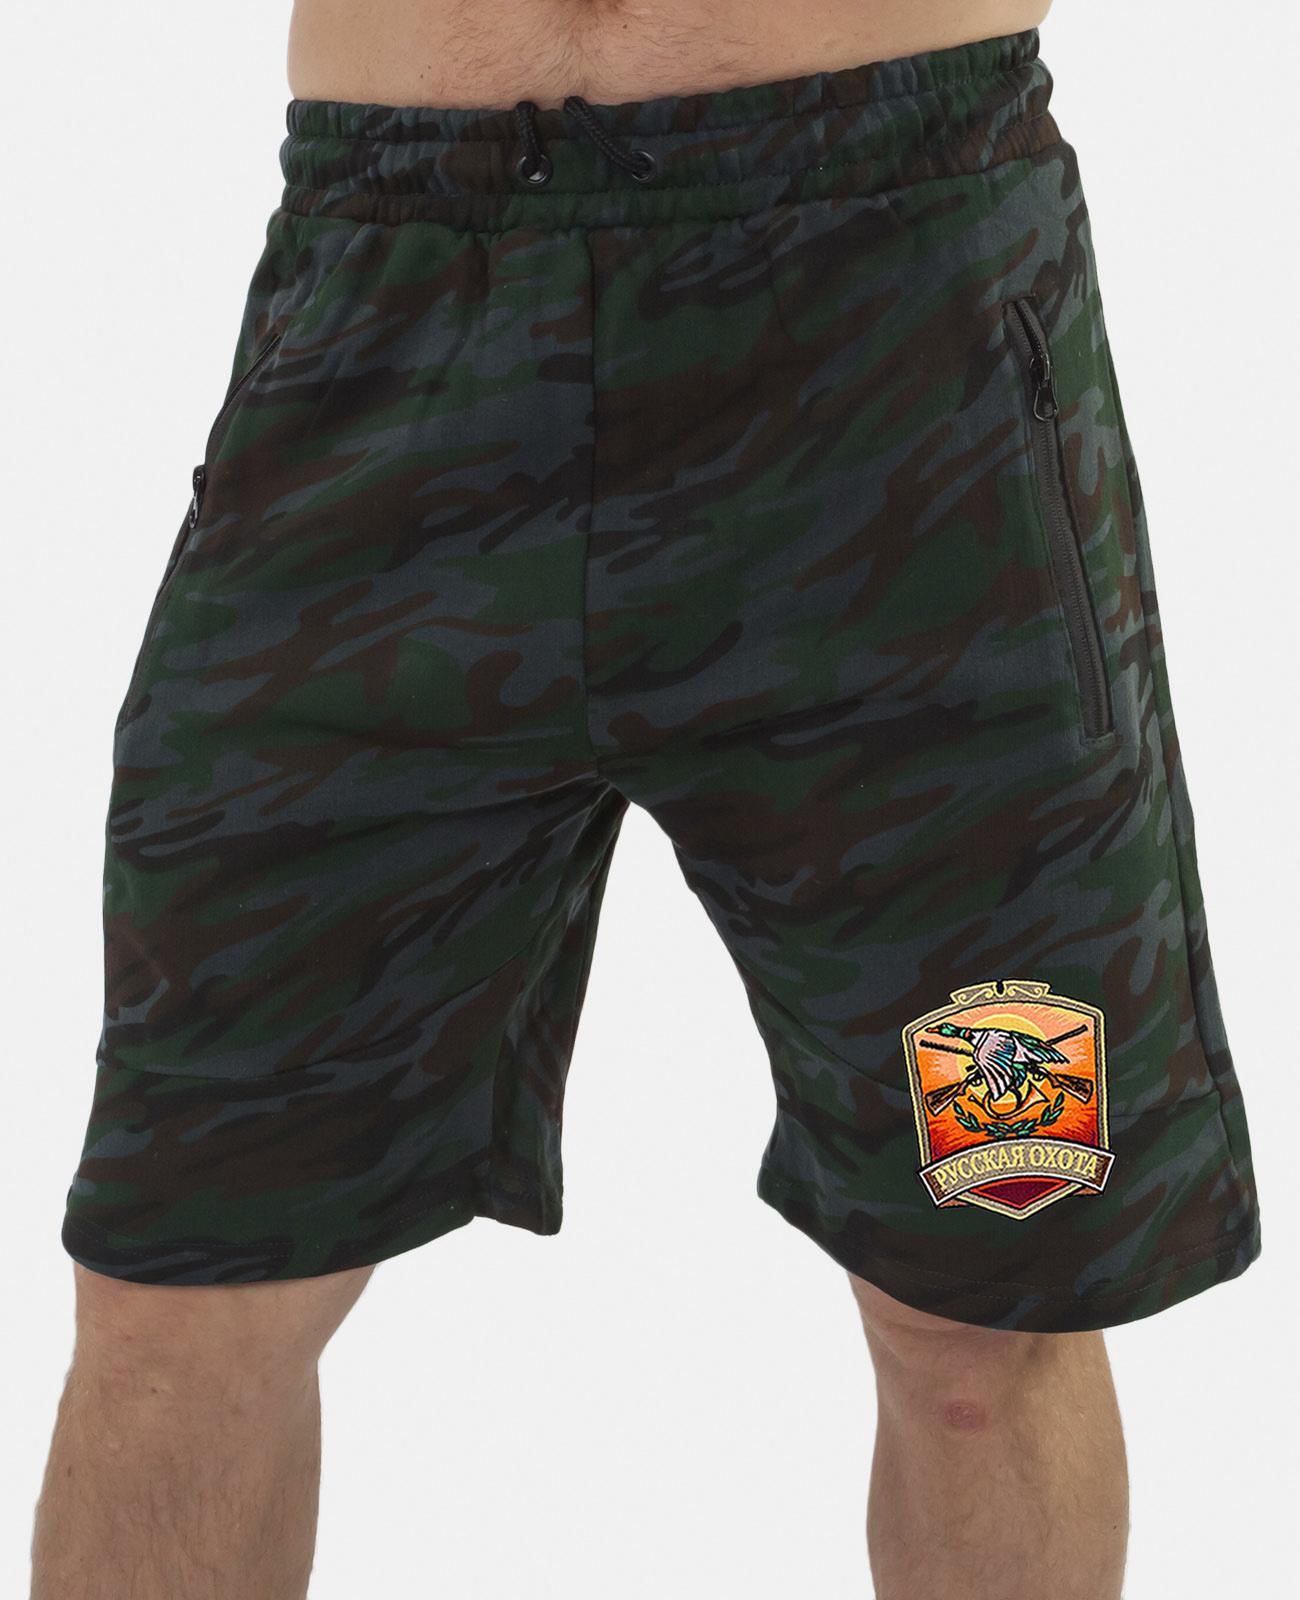 Купить мужские зачетные шорты с нашивкой Русская Охота в подарок любимому